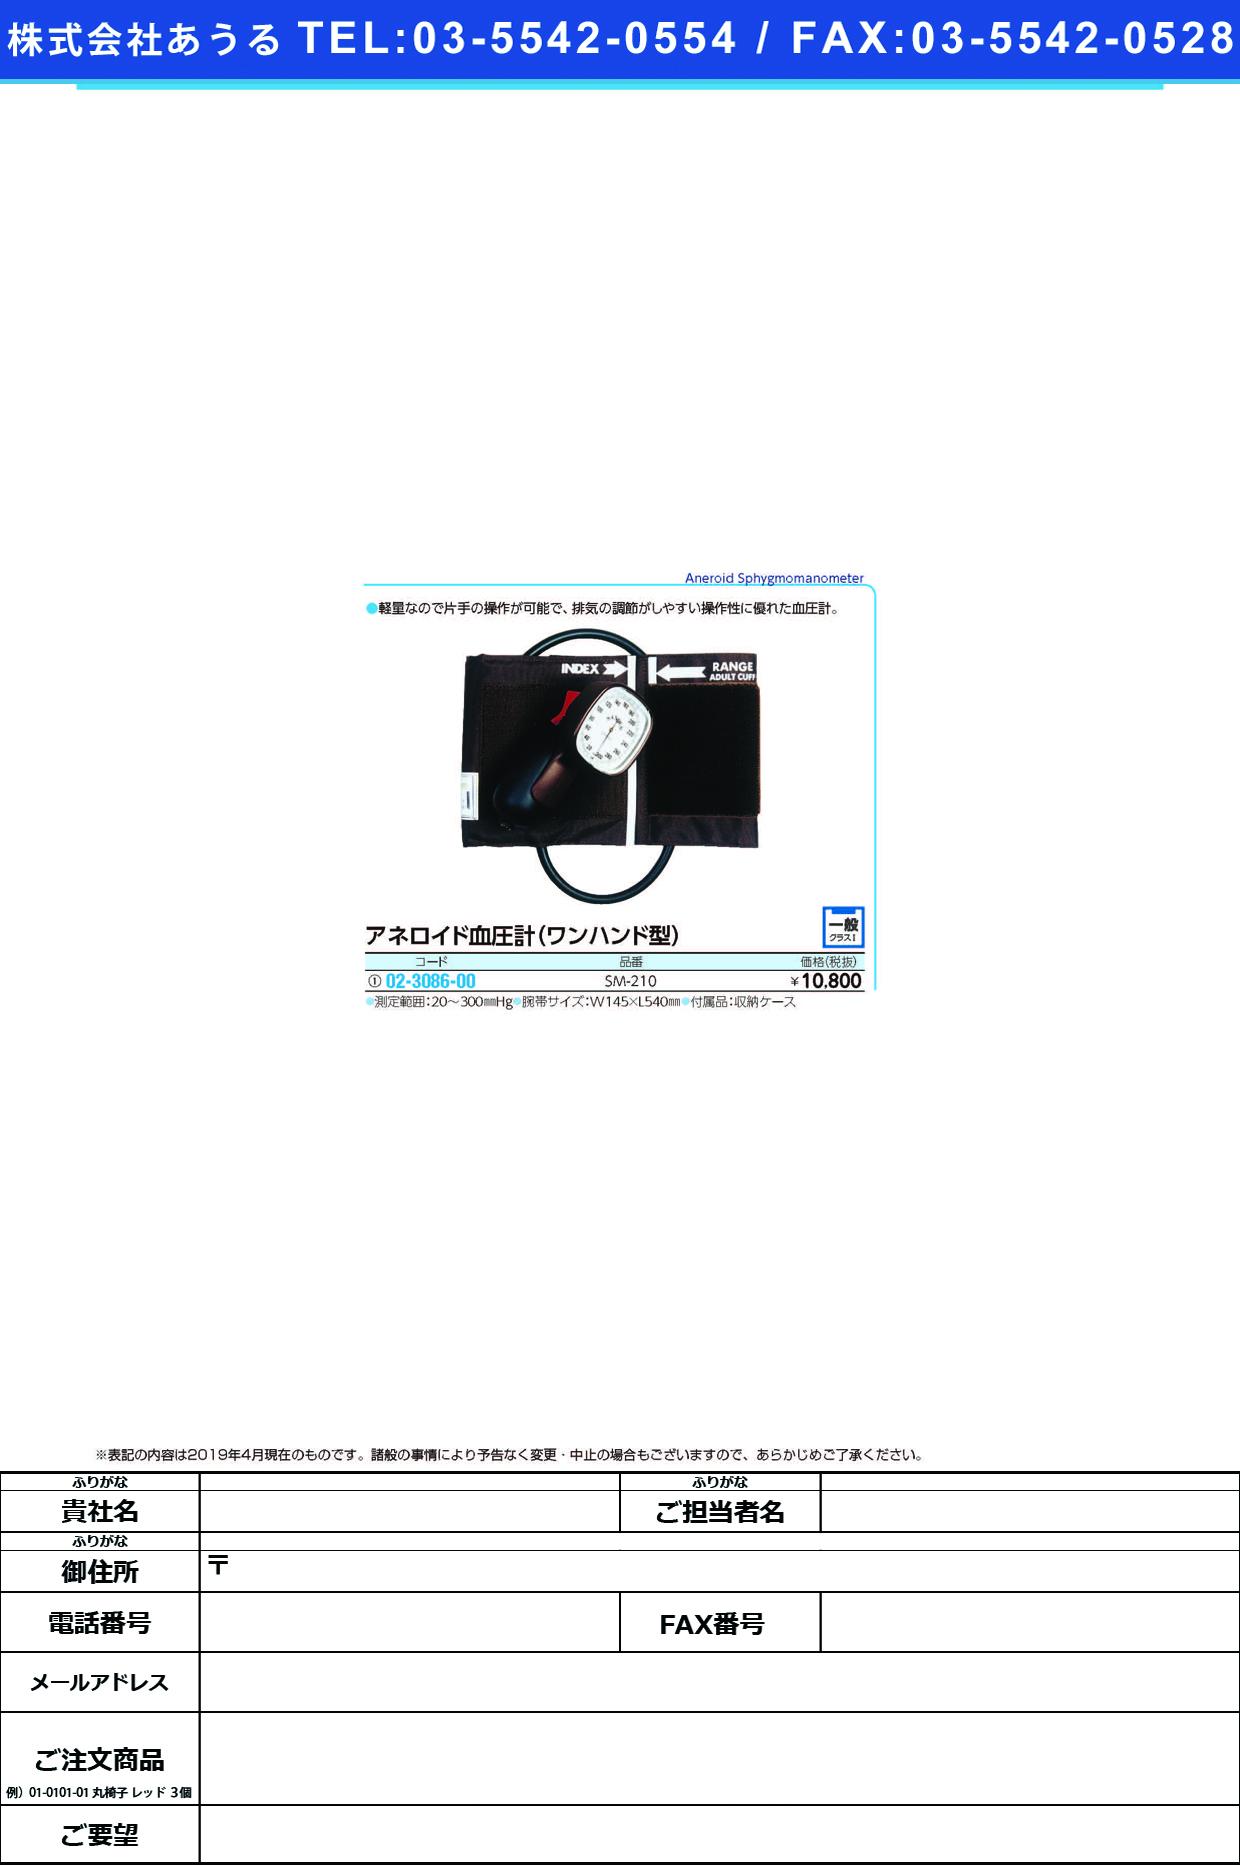 (02-3086-00)アネロイド血圧計(ワンハンド型) SM-210 アネロイドケツアツケイ(ワンハンド)【1組単位】【2019年カタログ商品】